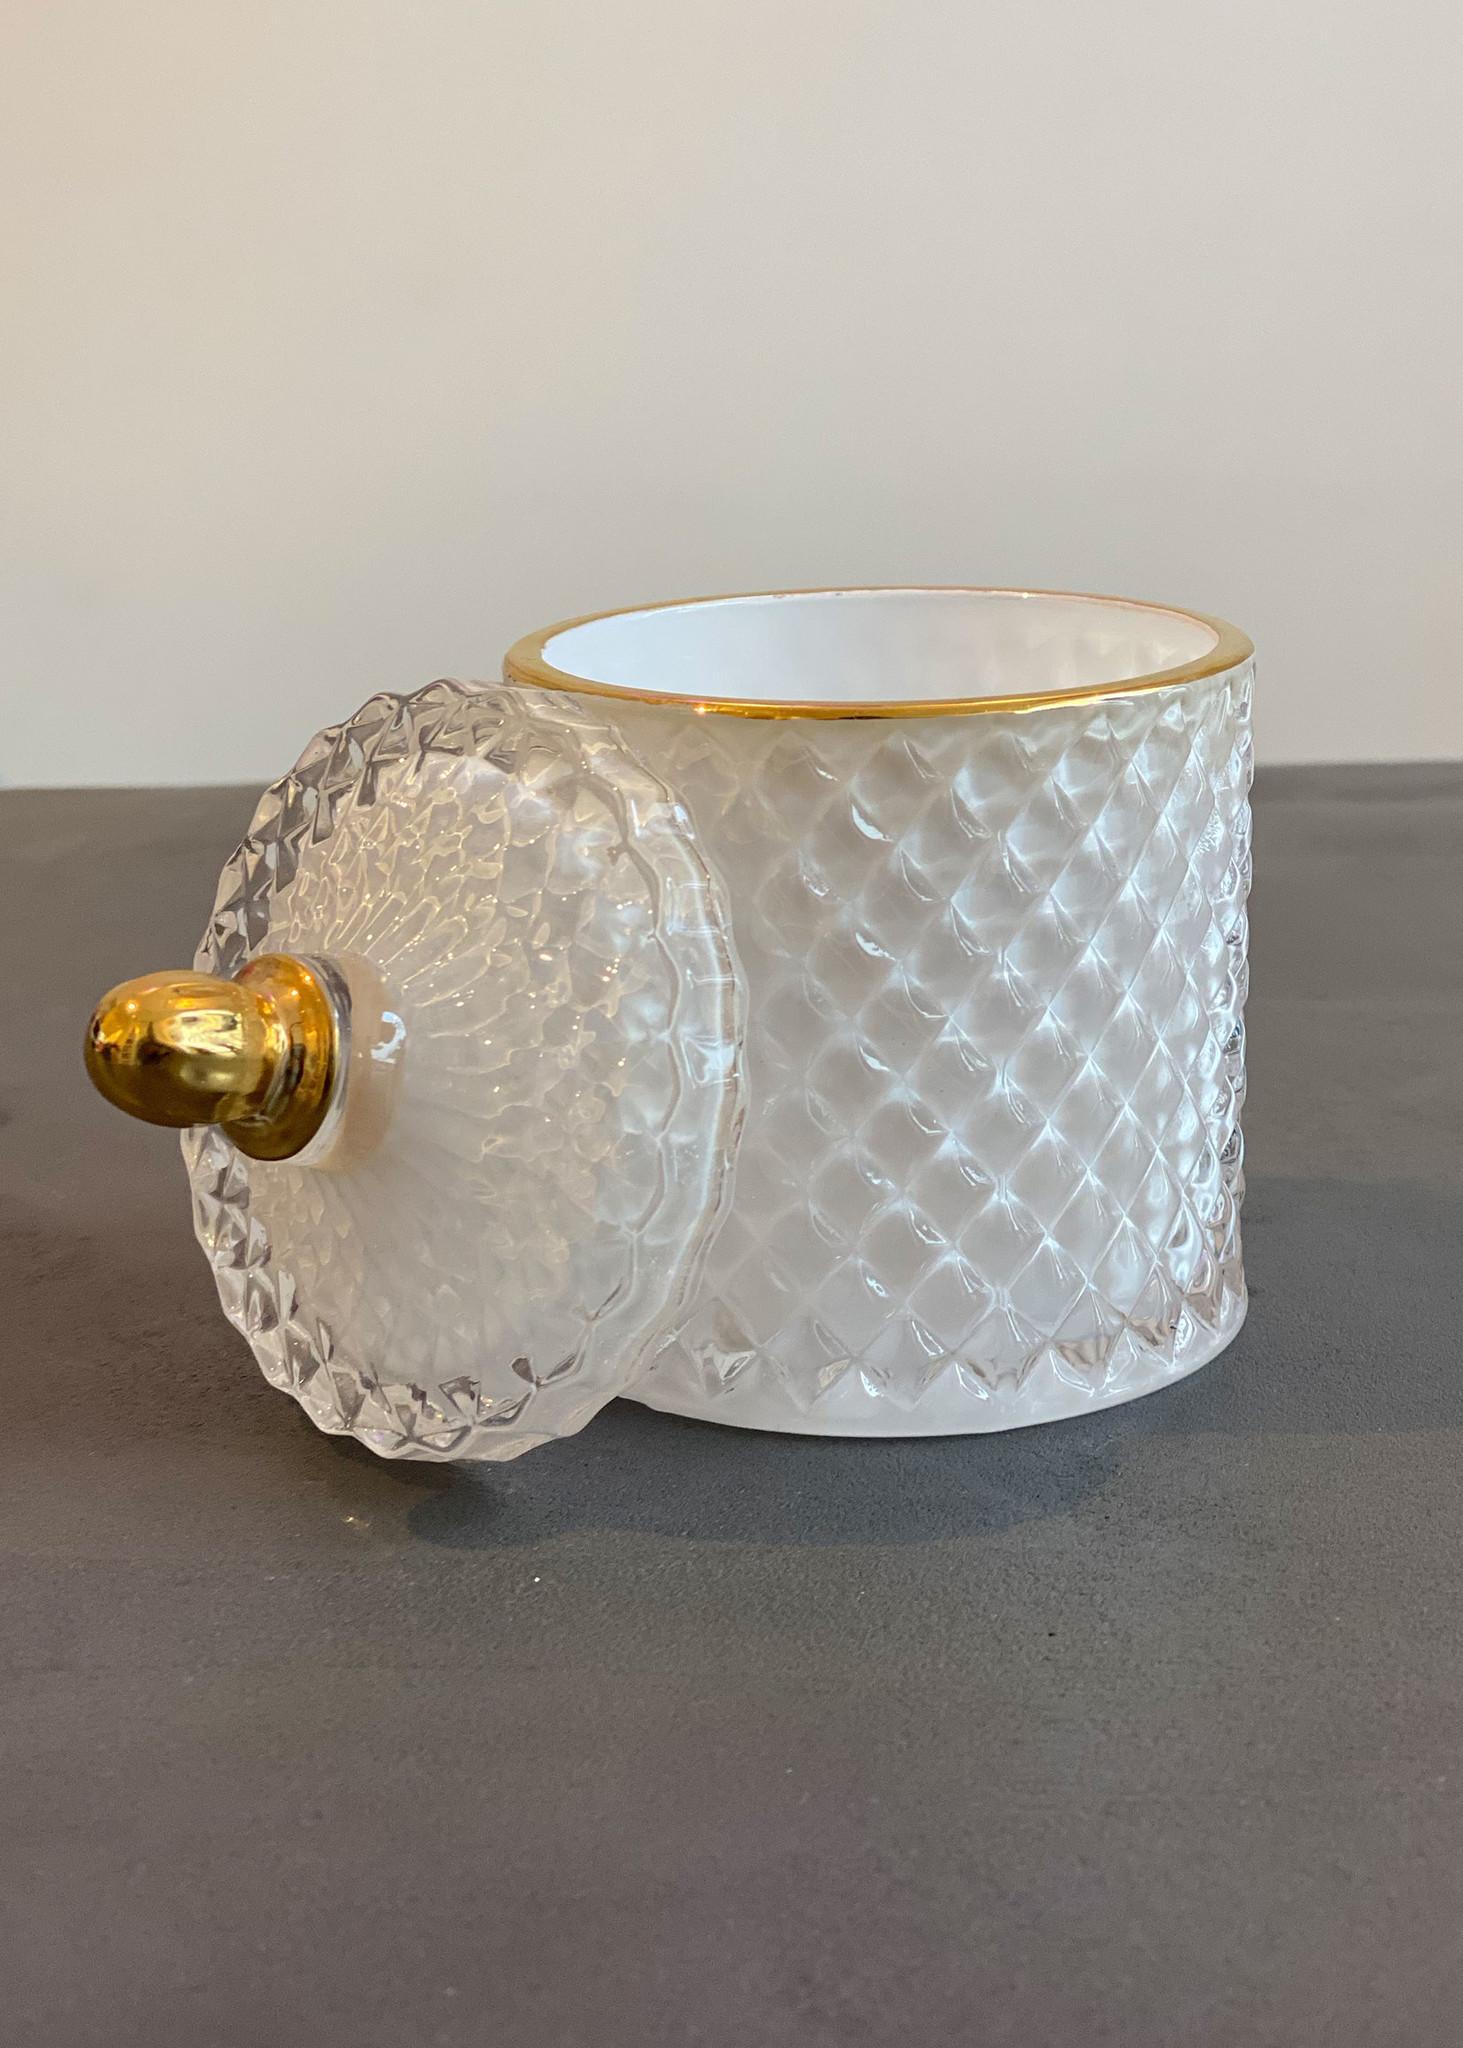 Wit Potje Gouden Details-2